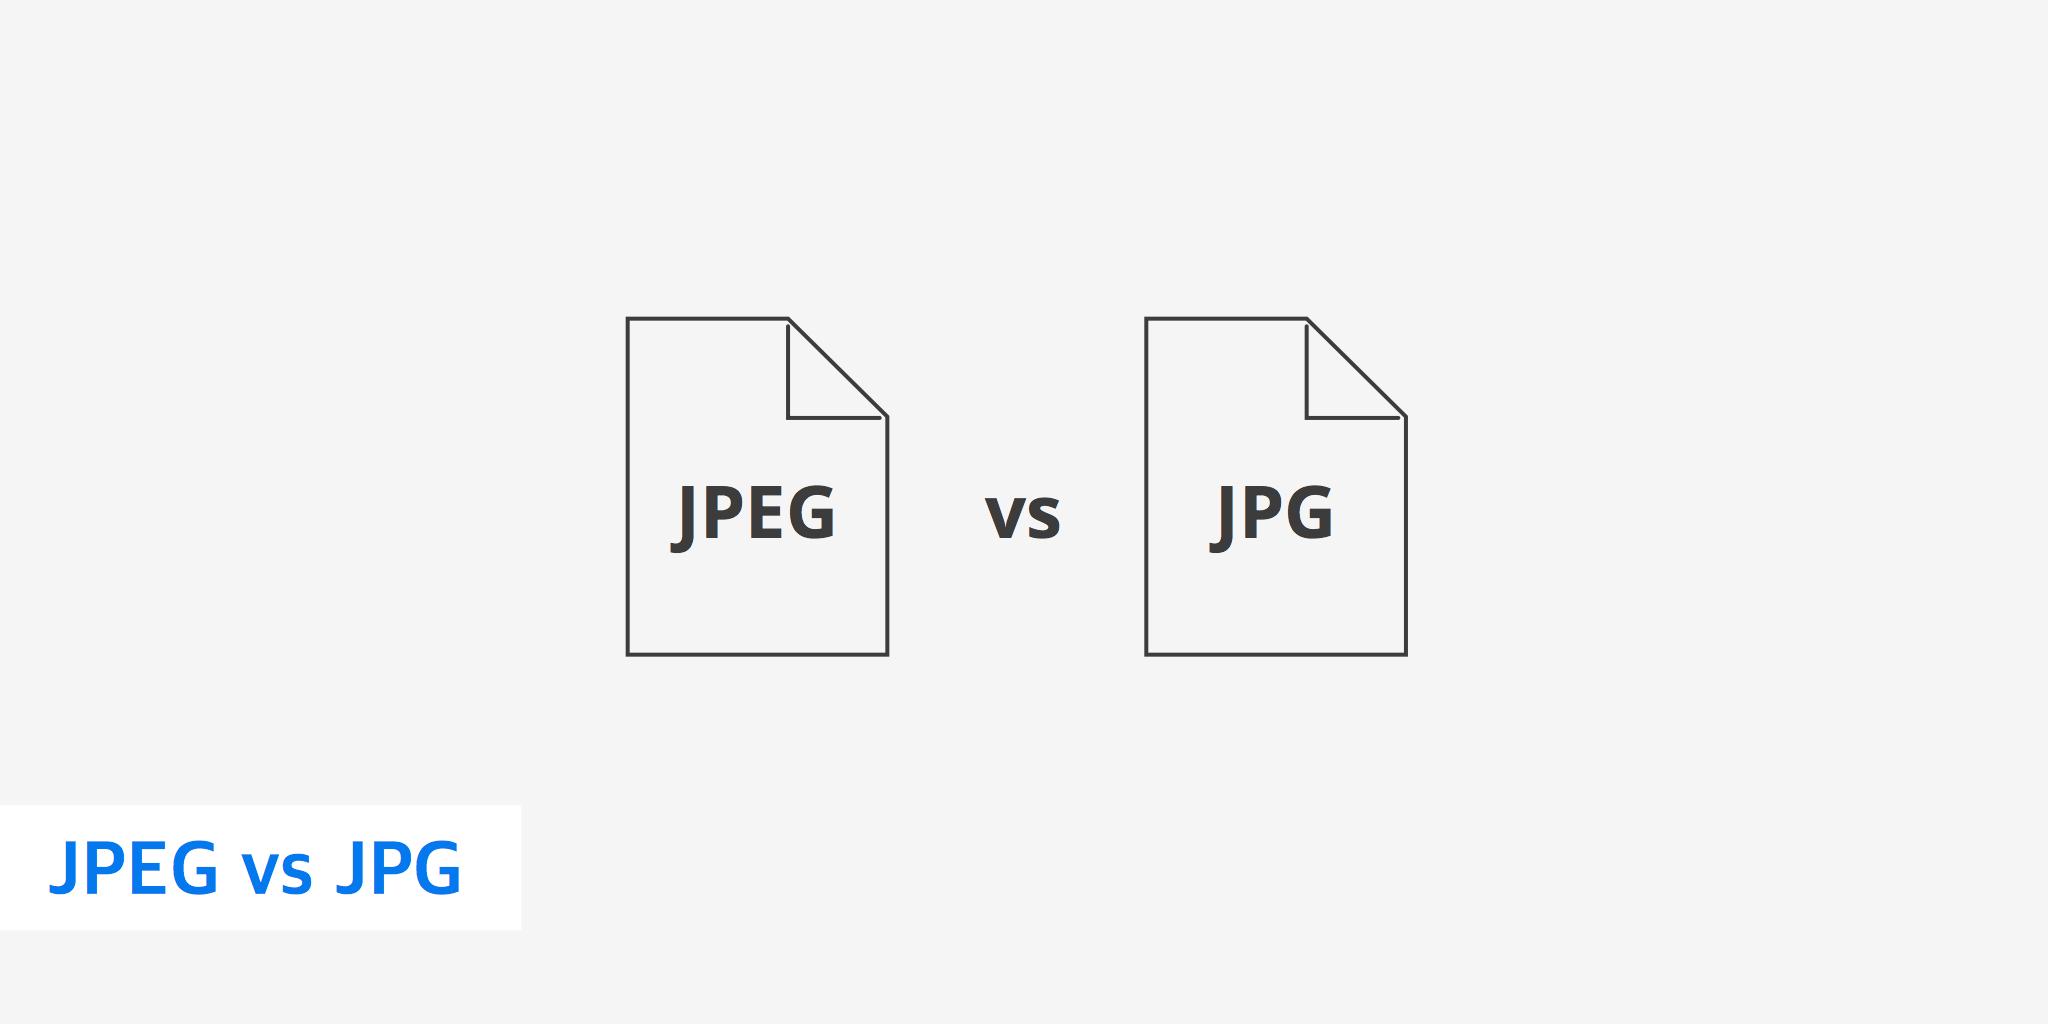 Jpg Ve Jpeg Dosyalari Arasindaki Fark Nedir